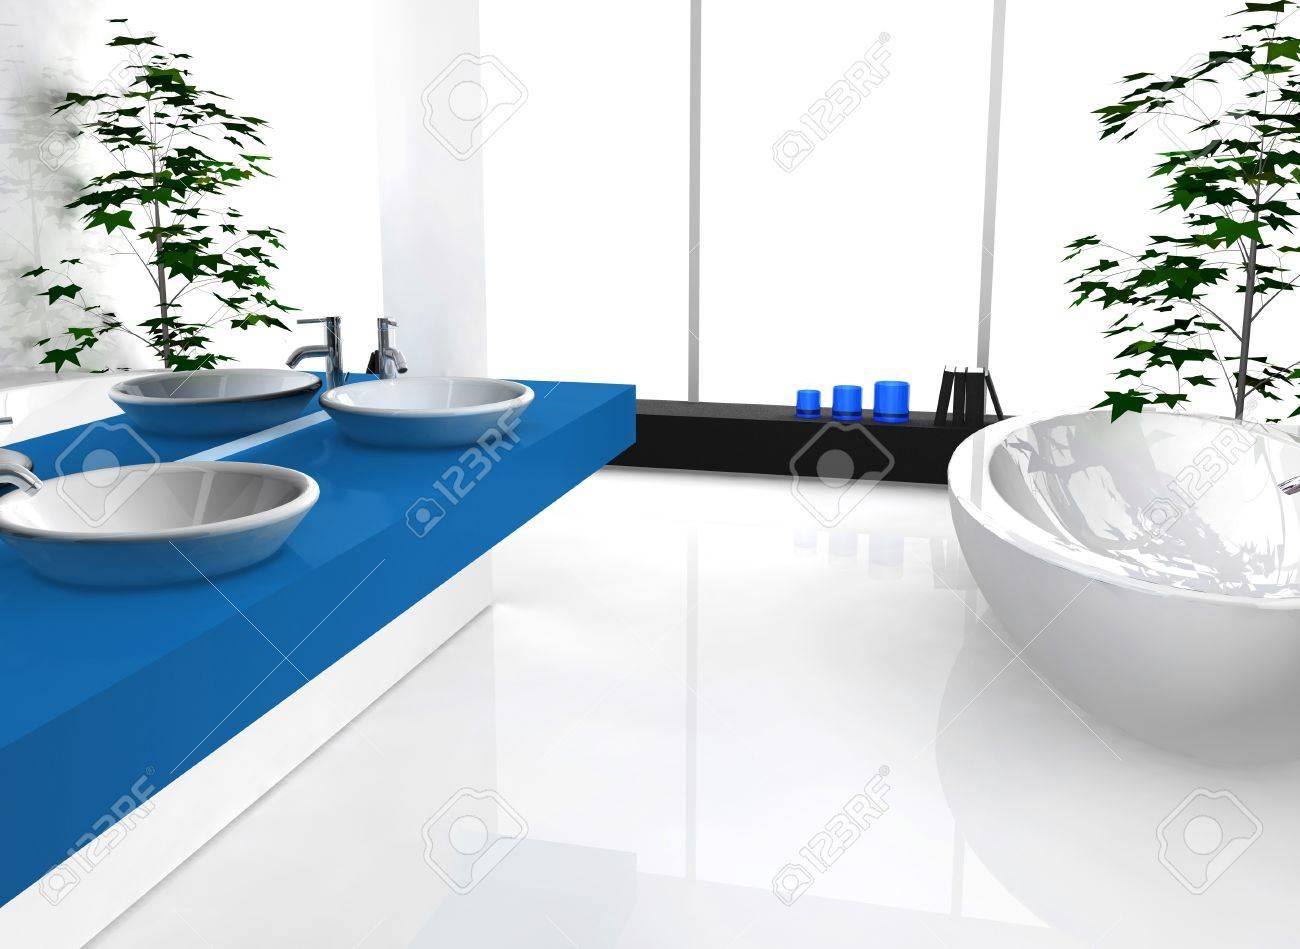 Interieur Maison Design Contemporain intérieur de la maison d'une salle de bains contemporaine bleu avec